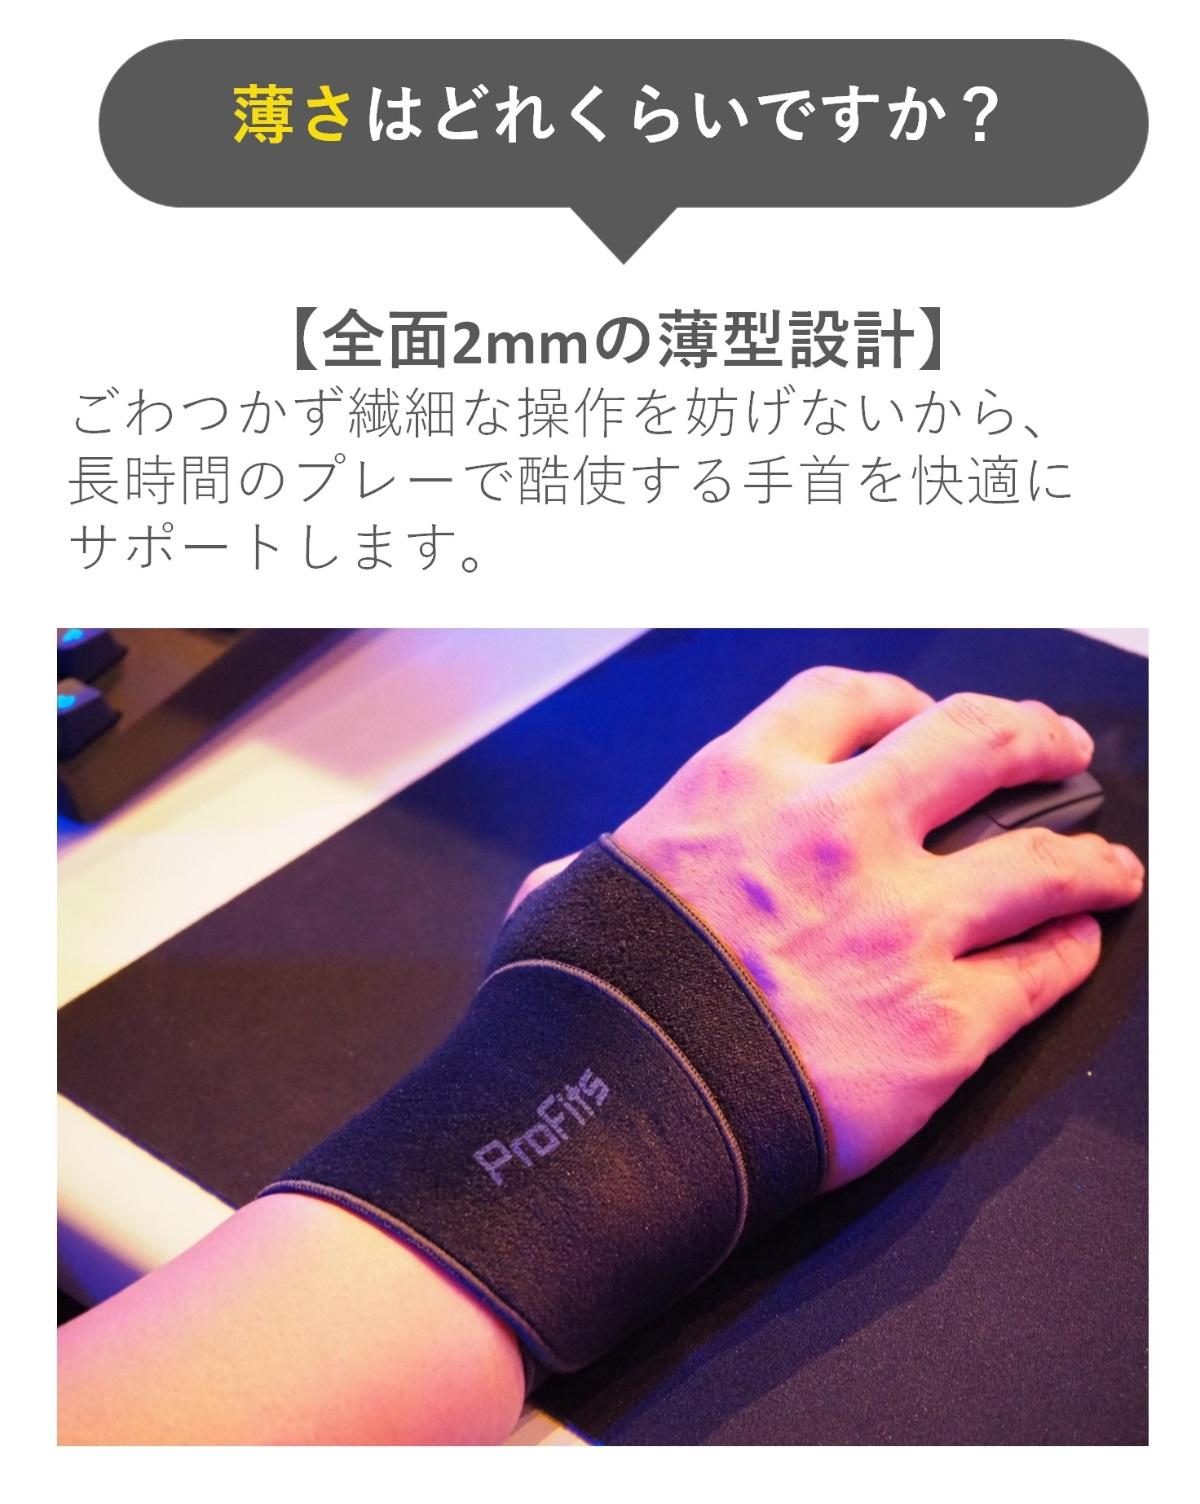 薄さはどれくらいですか?【全面2mmの薄型設計】ごわつかず繊細な操作を妨げないから、長時間のプレーで酷使する手首を快適にサポートします。